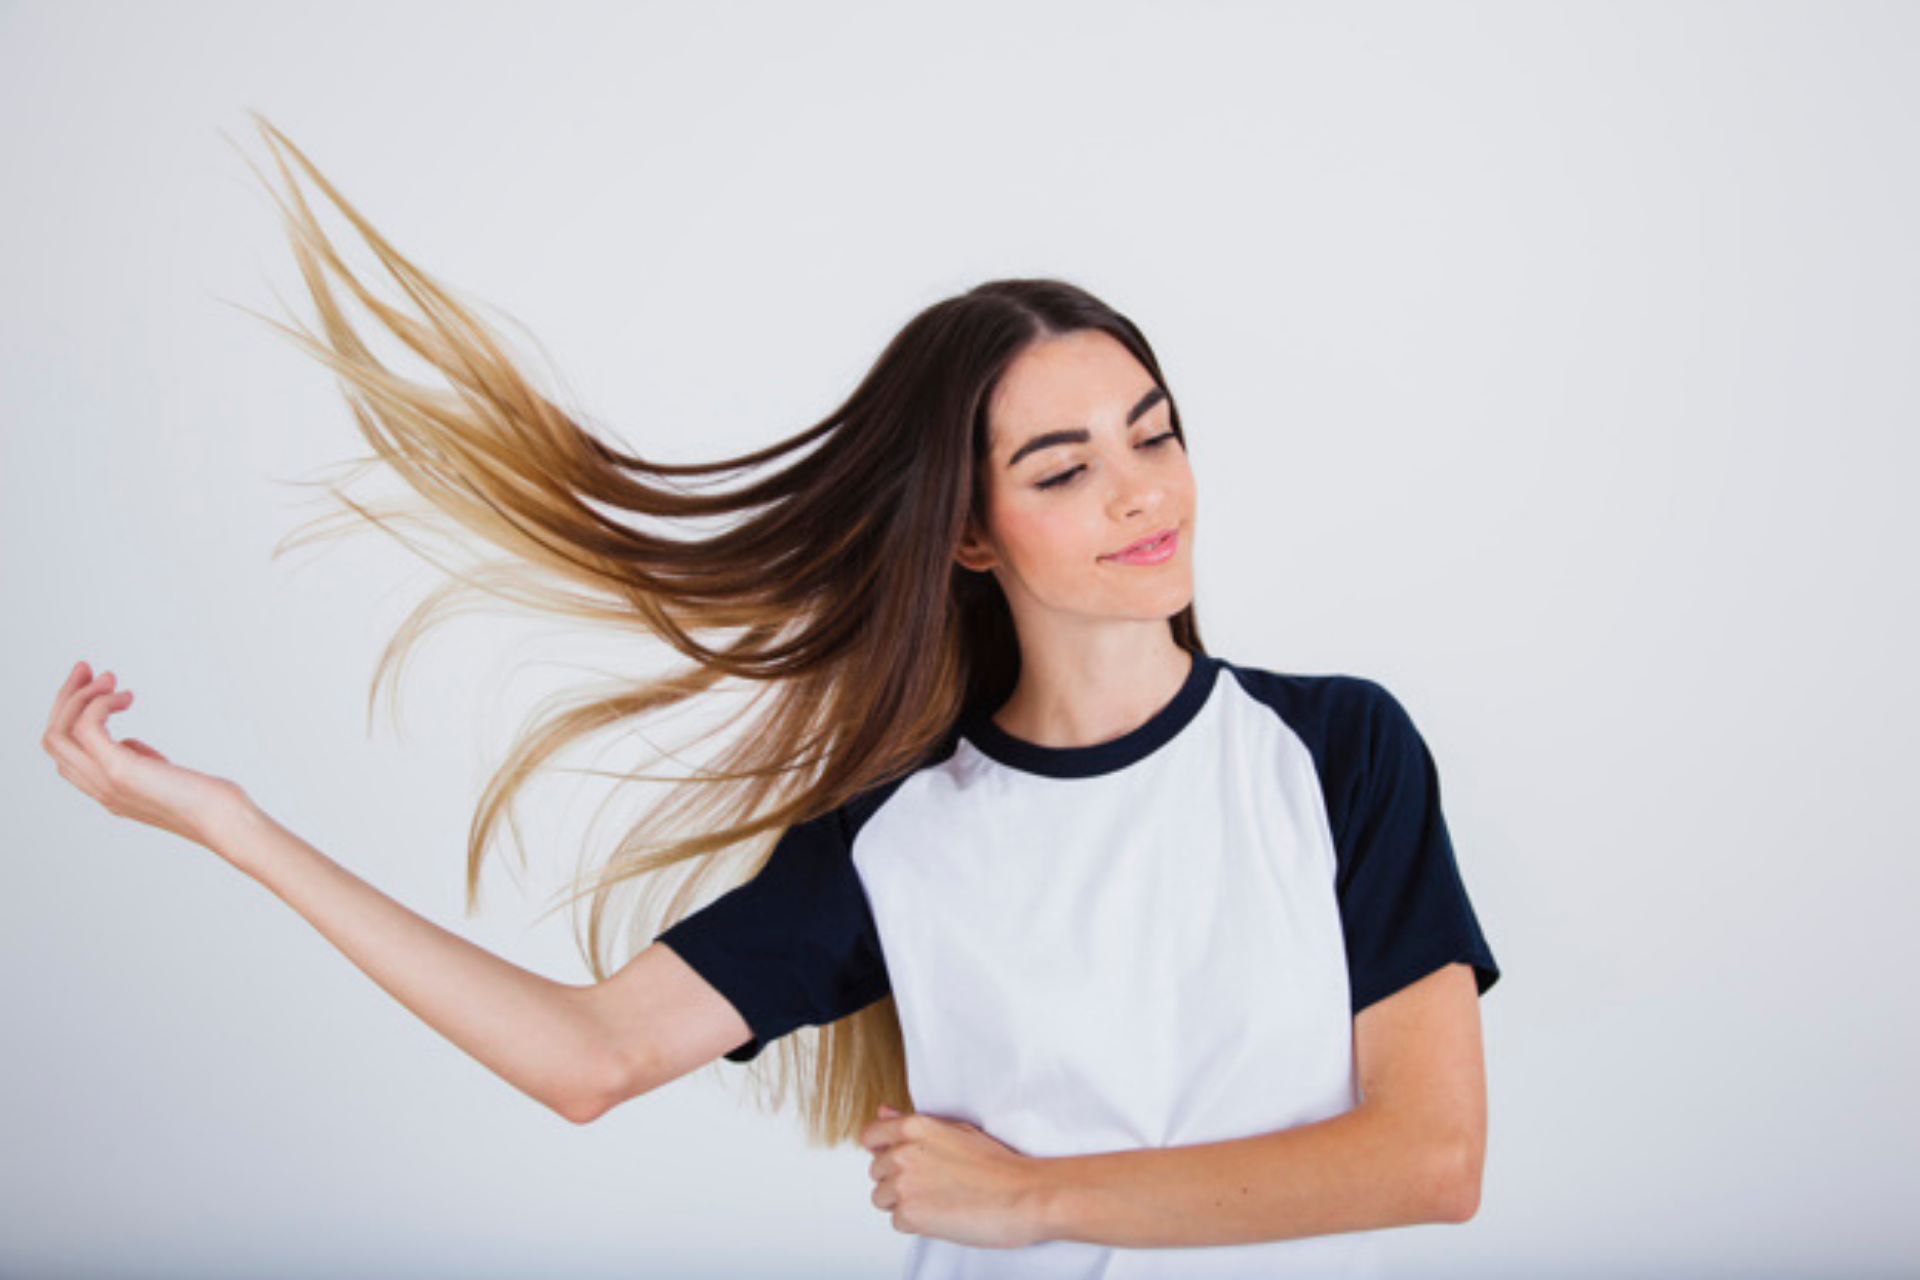 Como manter o cabelo liso? 8 cuidados importantes para o dia a dia